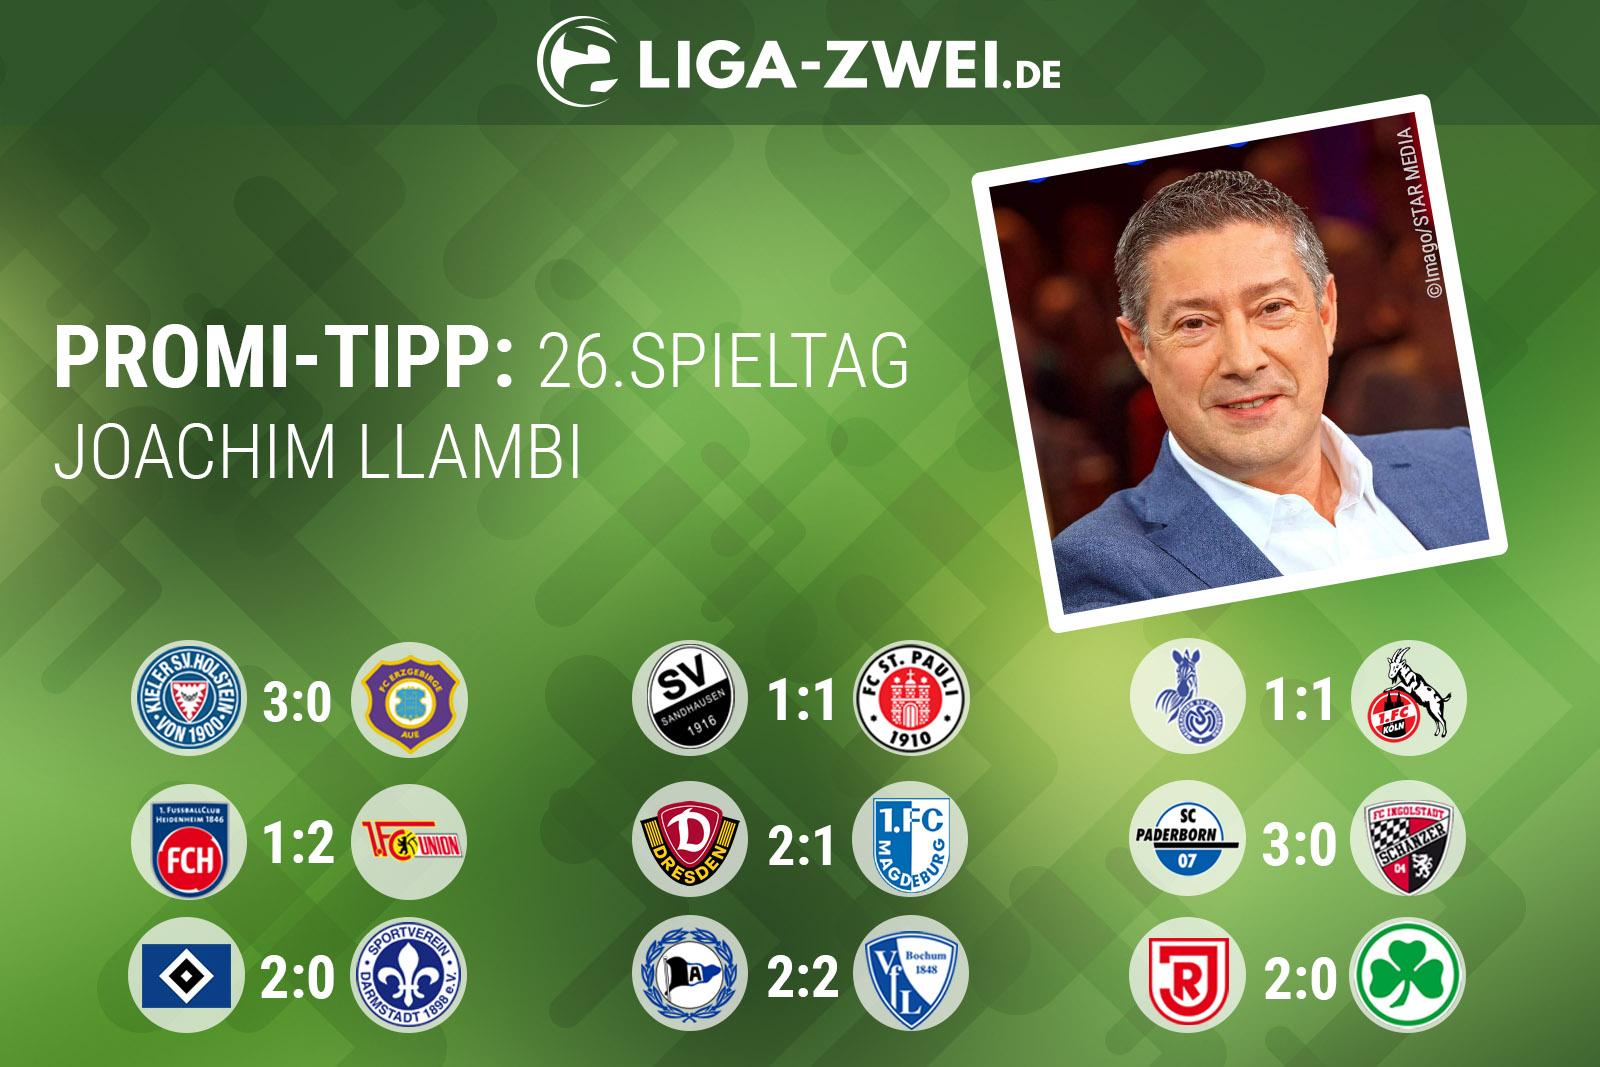 Joachim Llambi beim Liga-Zwei.de Promi-Tipp